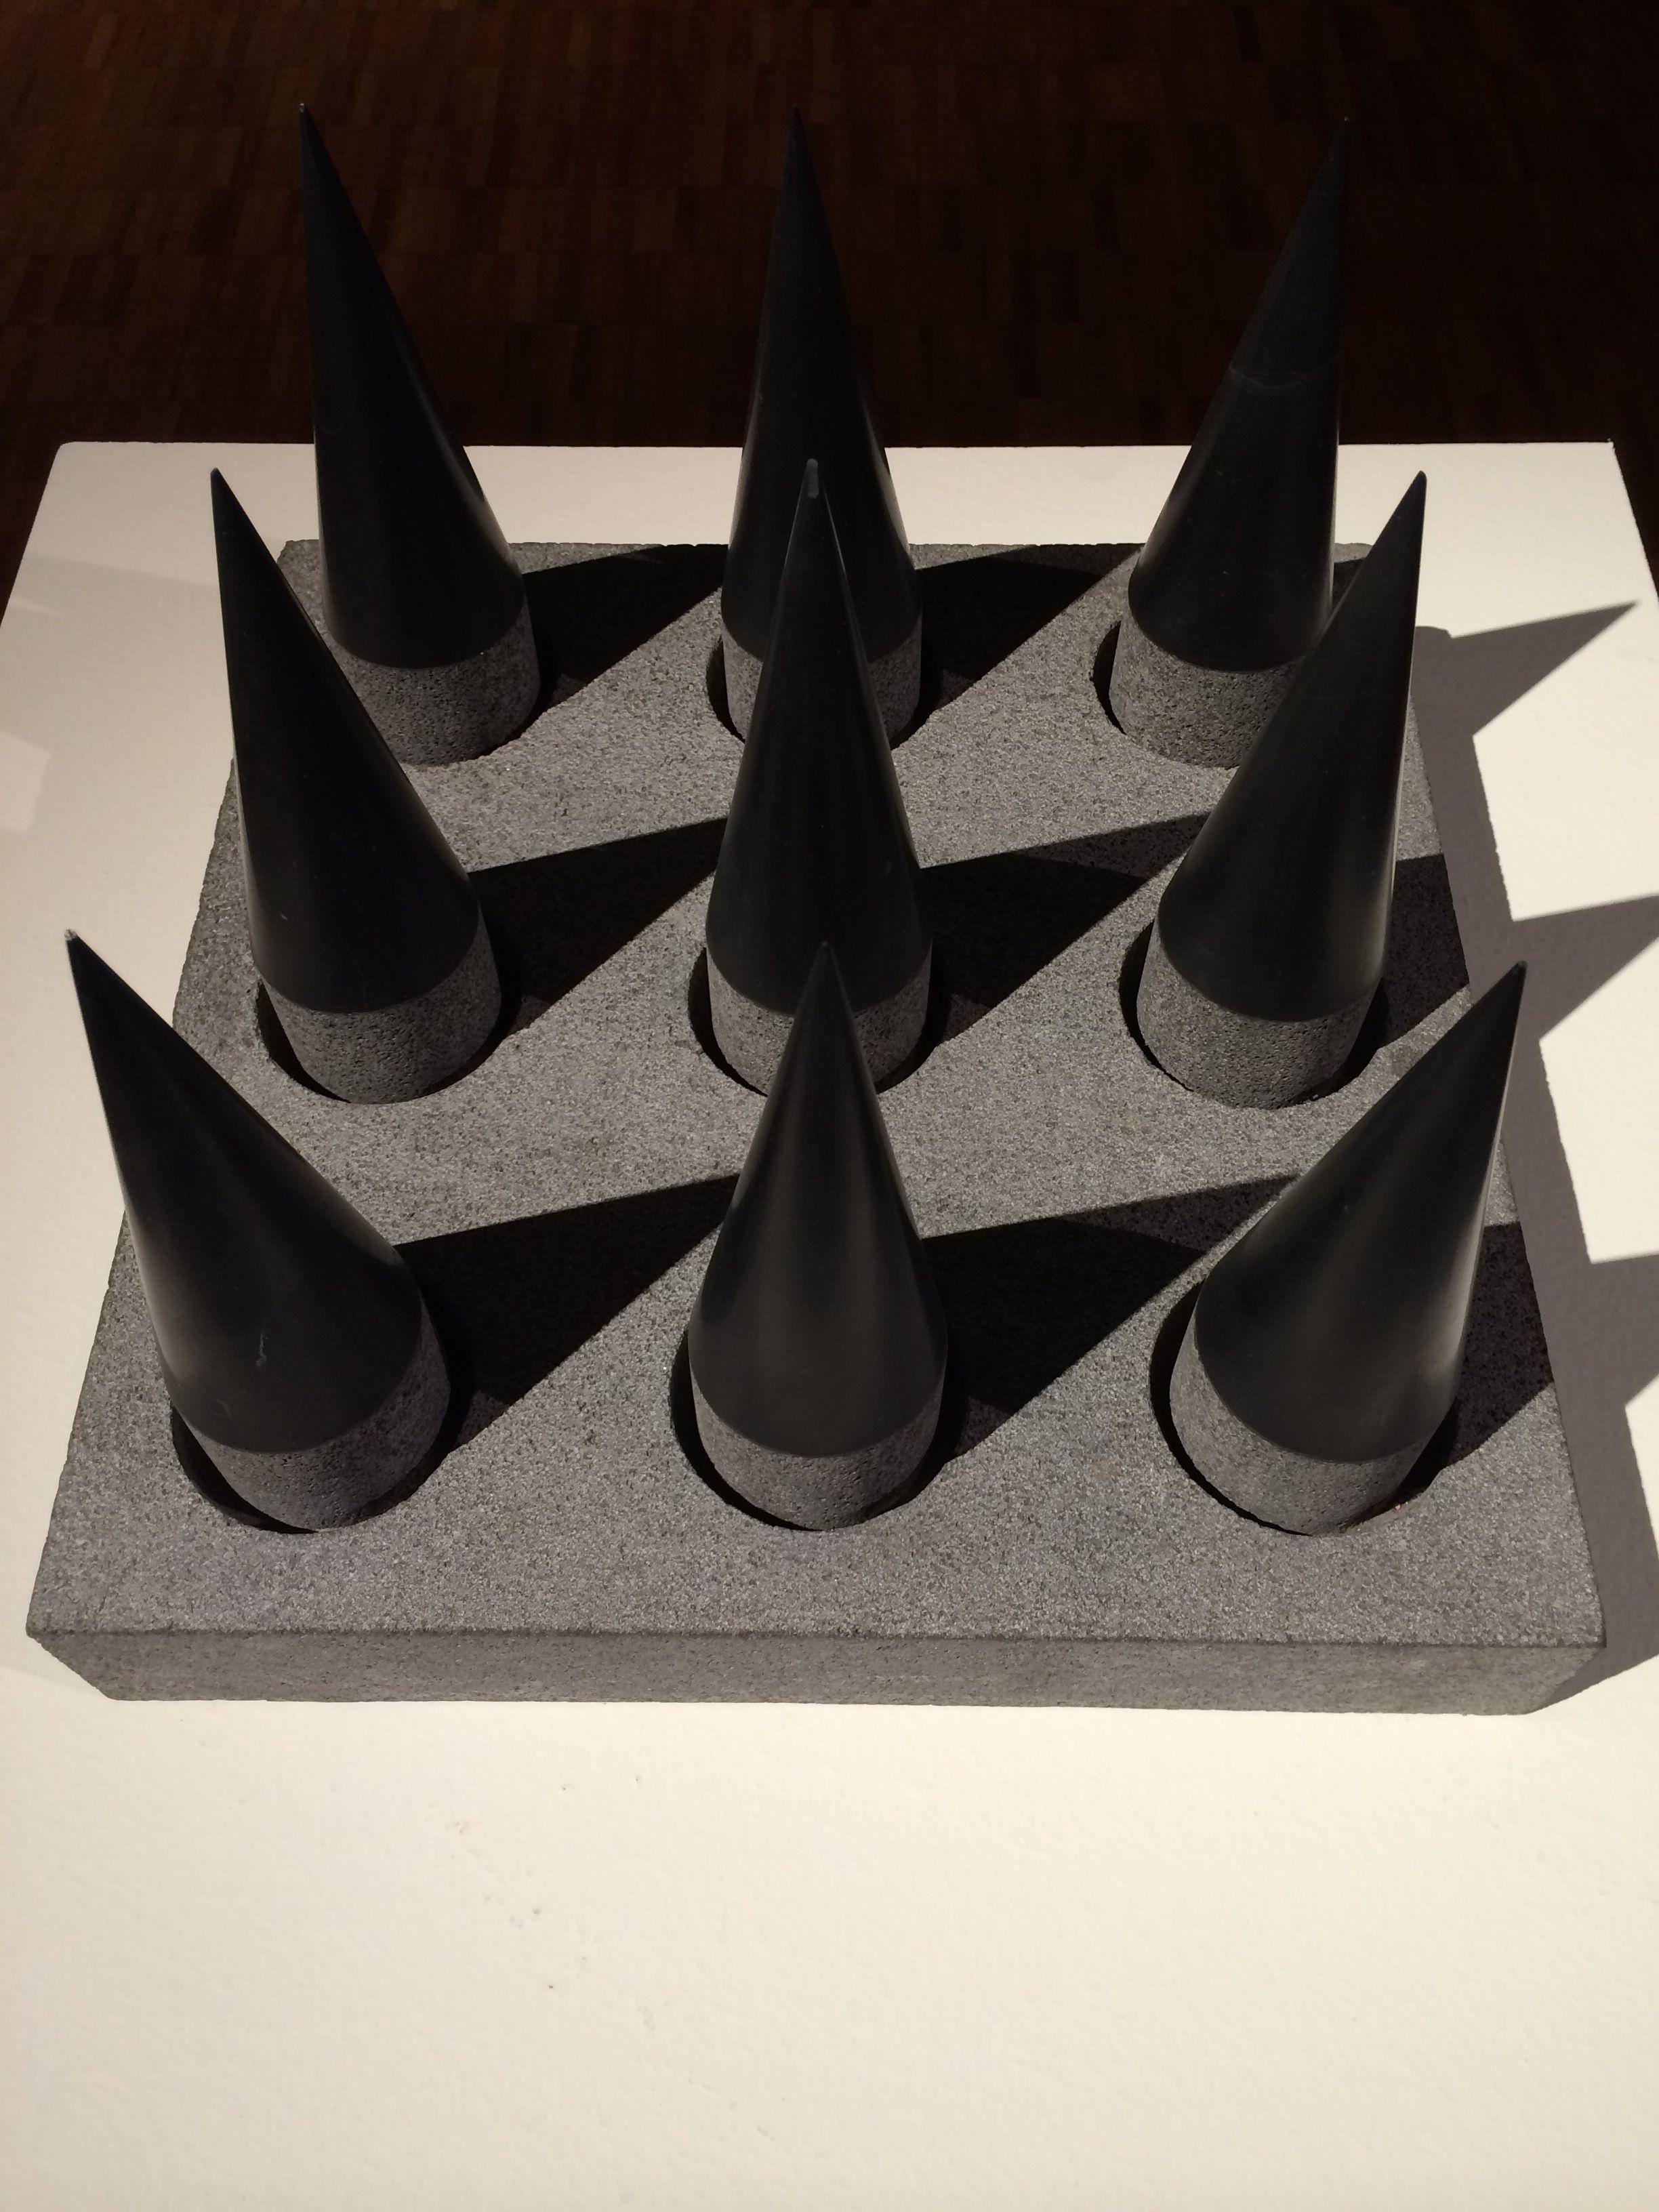 Conos de piedra. #geometry